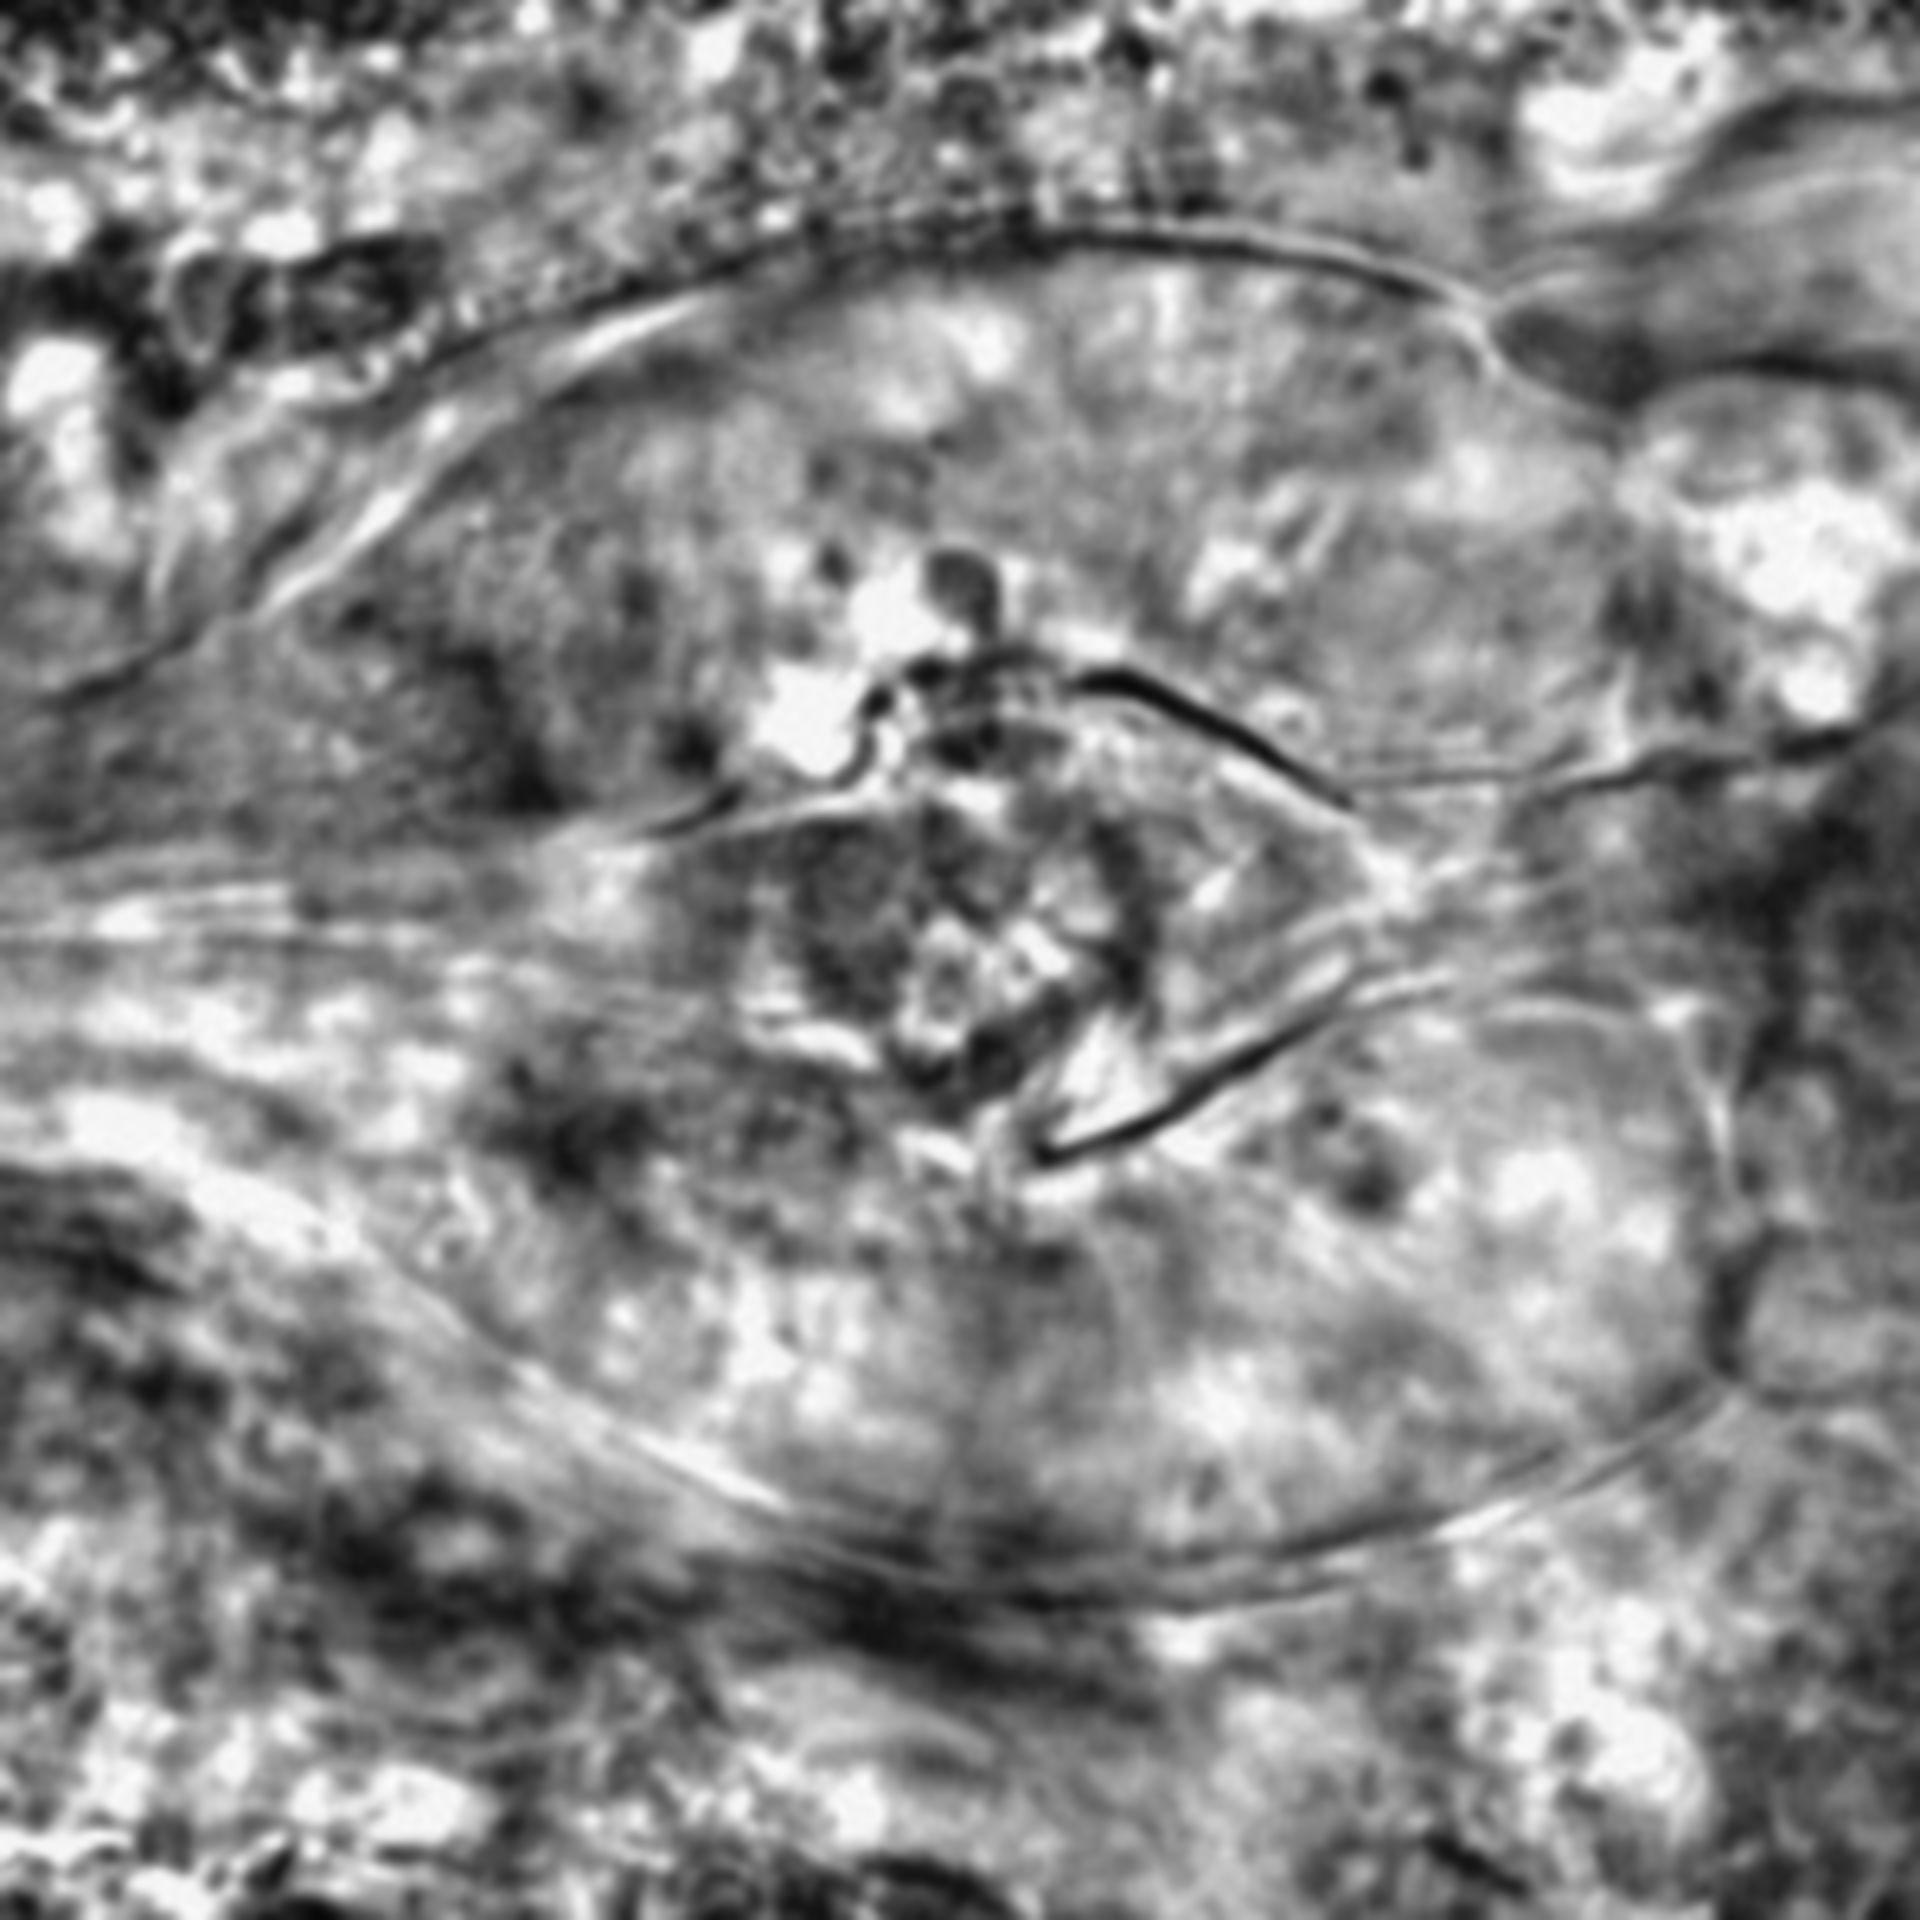 Caenorhabditis elegans - CIL:2748